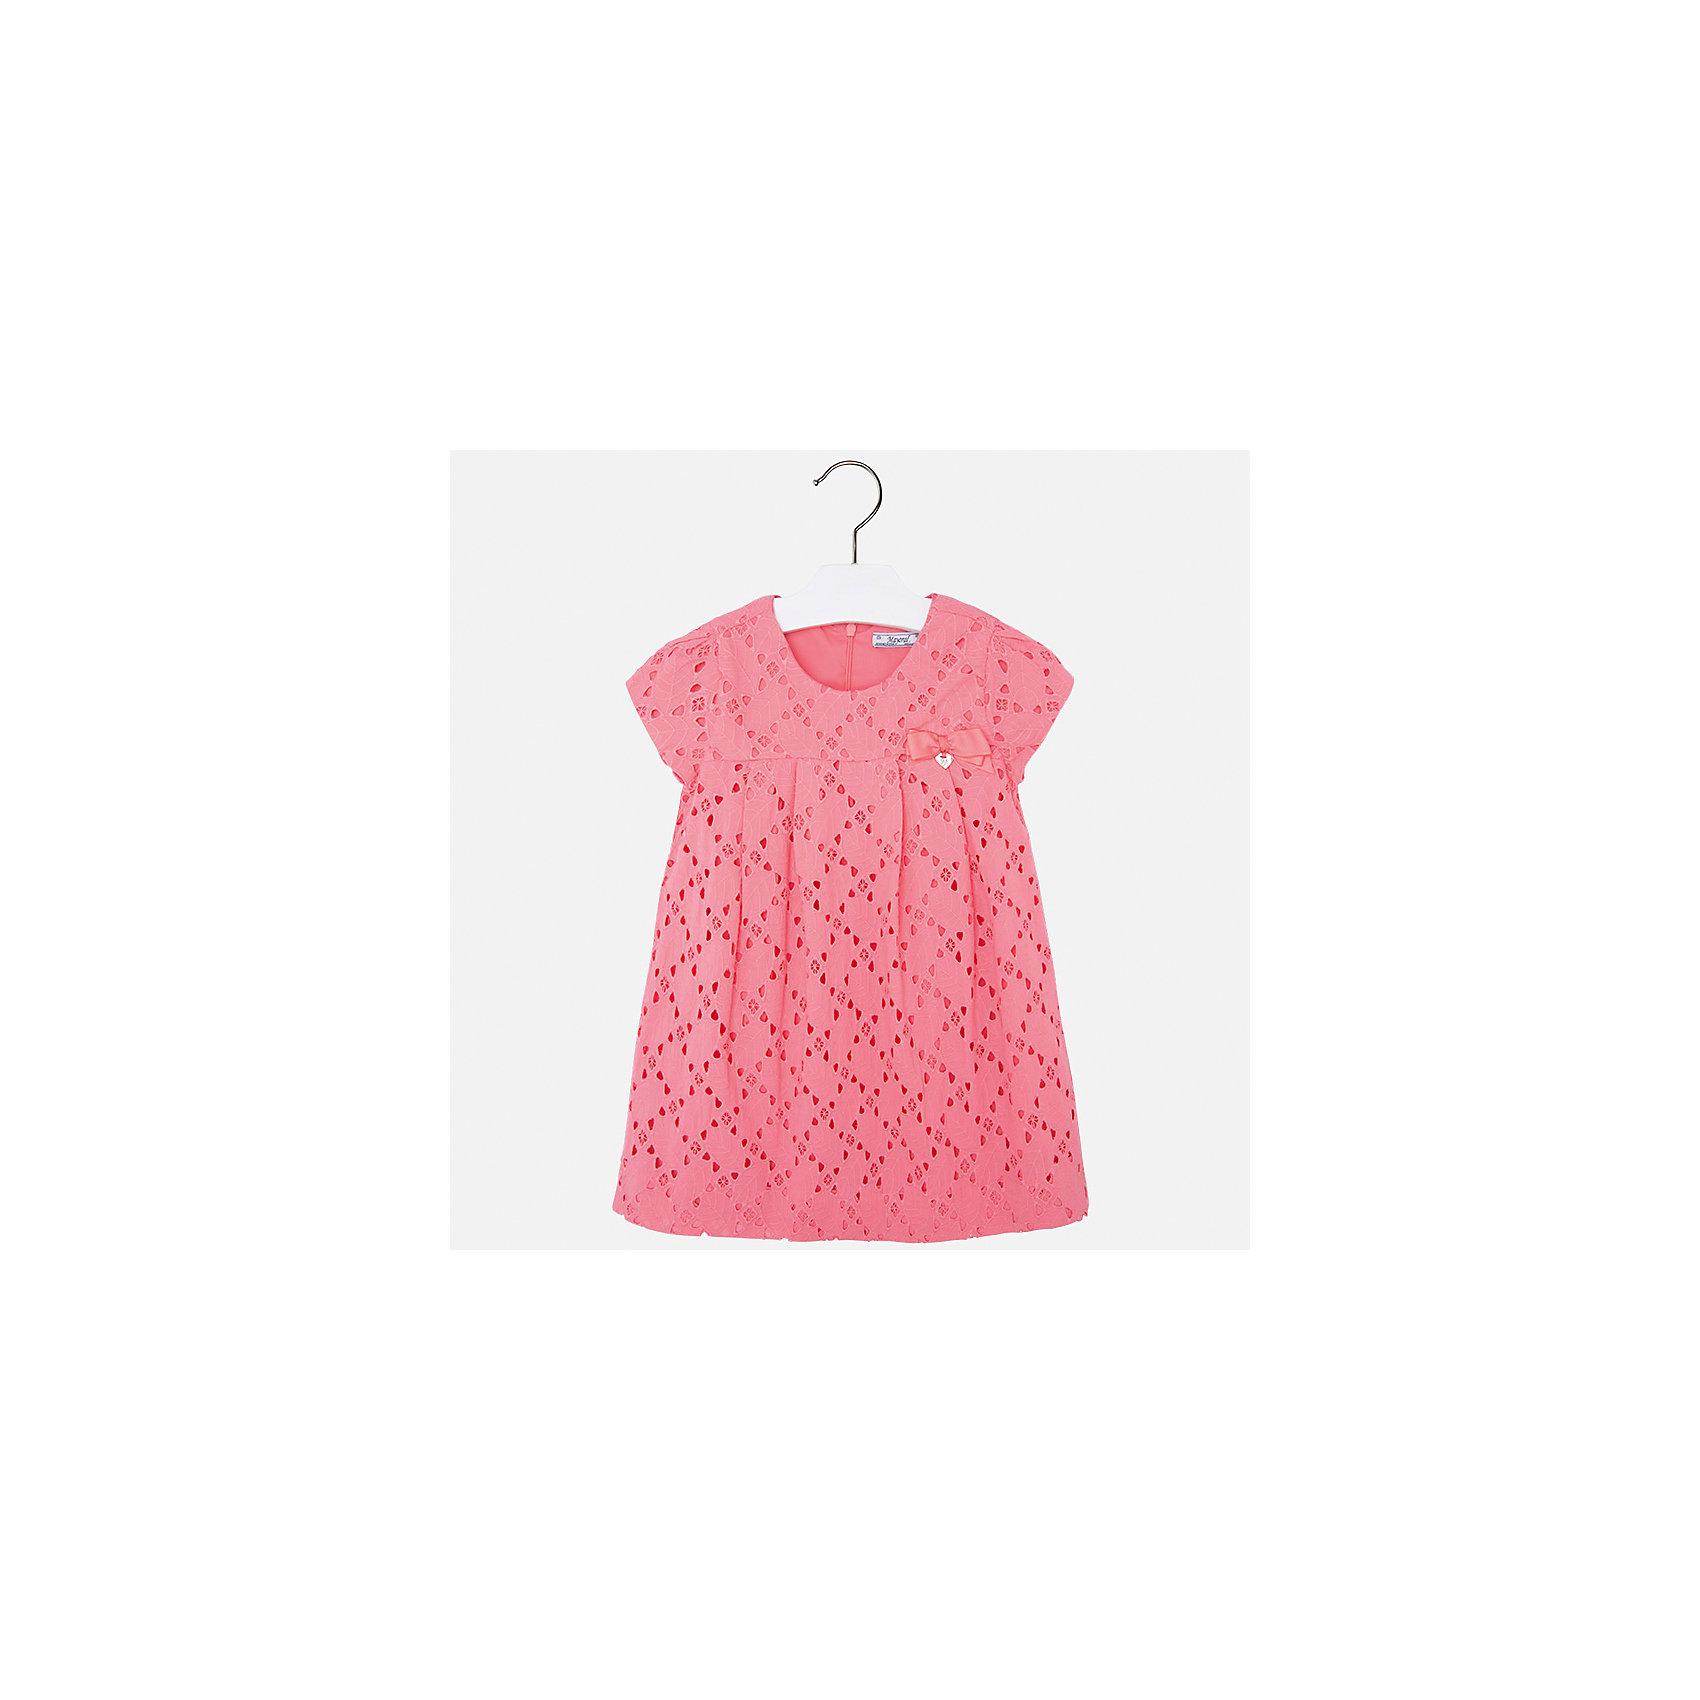 Платье для девочки MayoralОдежда<br>Характеристики товара:<br><br>• цвет: оранжевый<br>• состав: 100% хлопок, подкладка - 65% полиэстер, 35% хлопок<br>• застежка: молния<br>• ажурная ткань верха<br>• завышенная талия<br>• короткие рукава<br>• с подкладкой<br>• страна бренда: Испания<br><br>Нарядное платье для девочки поможет разнообразить гардероб ребенка и создать эффектный наряд. Оно отлично подойдет для торжественных случаев. Красивый оттенок позволяет подобрать к вещи обувь разных расцветок. В составе материала подкладки - натуральный хлопок, гипоаллергенный, приятный на ощупь, дышащий. Платье хорошо сидит по фигуре.<br><br>Одежда, обувь и аксессуары от испанского бренда Mayoral полюбились детям и взрослым по всему миру. Модели этой марки - стильные и удобные. Для их производства используются только безопасные, качественные материалы и фурнитура. Порадуйте ребенка модными и красивыми вещами от Mayoral! <br><br>Платье для девочки от испанского бренда Mayoral (Майорал) можно купить в нашем интернет-магазине.<br><br>Ширина мм: 236<br>Глубина мм: 16<br>Высота мм: 184<br>Вес г: 177<br>Цвет: розовый<br>Возраст от месяцев: 96<br>Возраст до месяцев: 108<br>Пол: Женский<br>Возраст: Детский<br>Размер: 134,92,98,104,110,116,122,128<br>SKU: 5291117